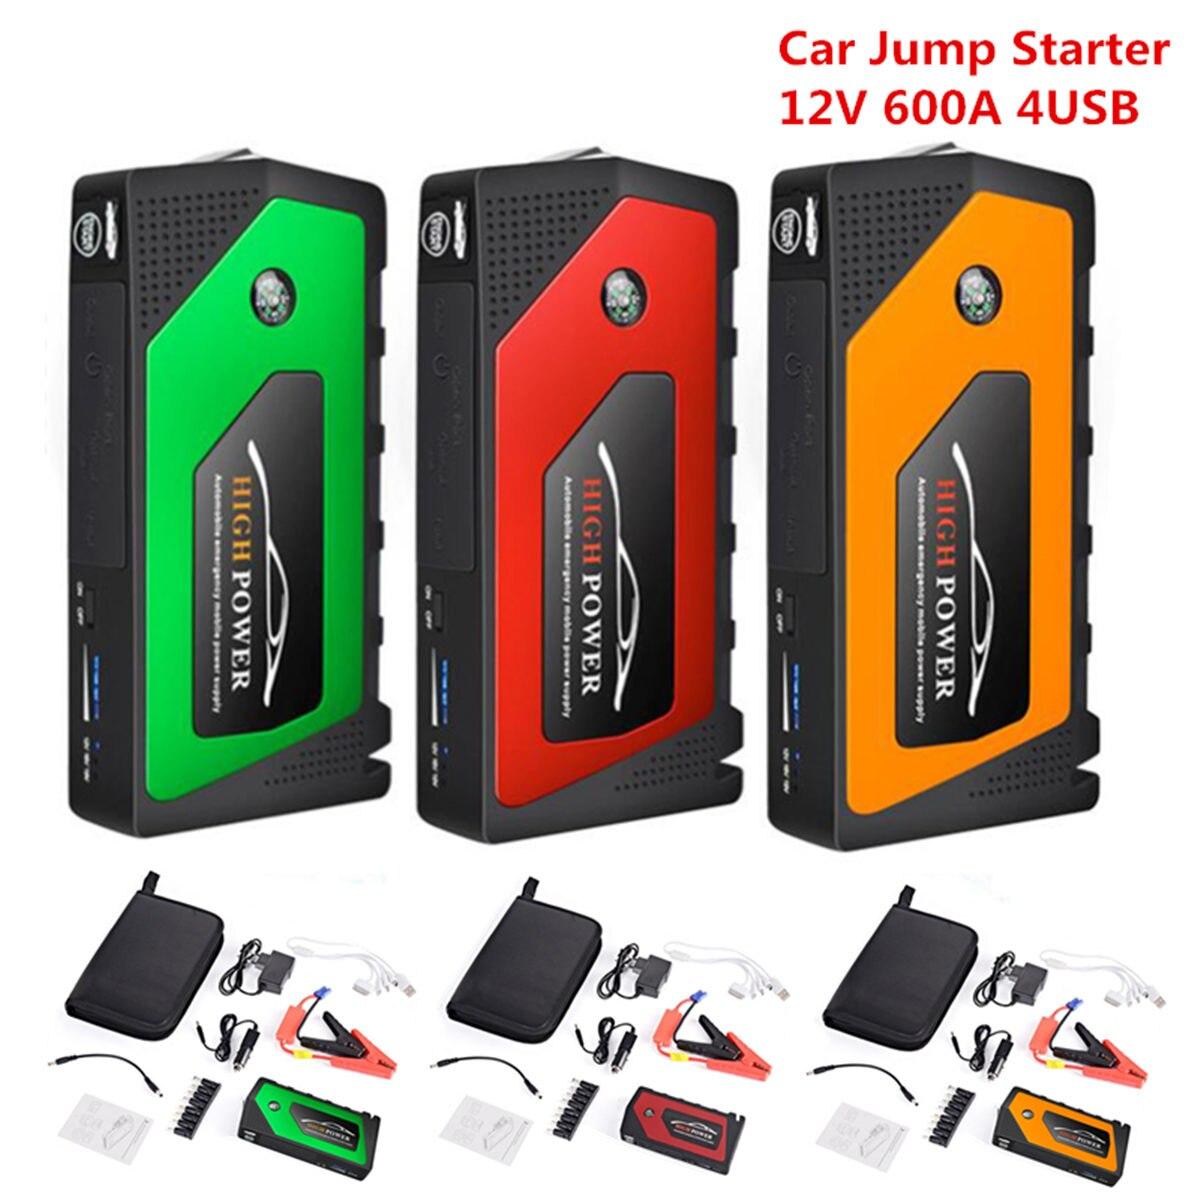 Démarreur de saut de voiture Portable 4 Ports USB démarreur de saut de voiture chargeur portatif batterie chargeur dispositif de démarrage pour les Diesels à essence de téléphone